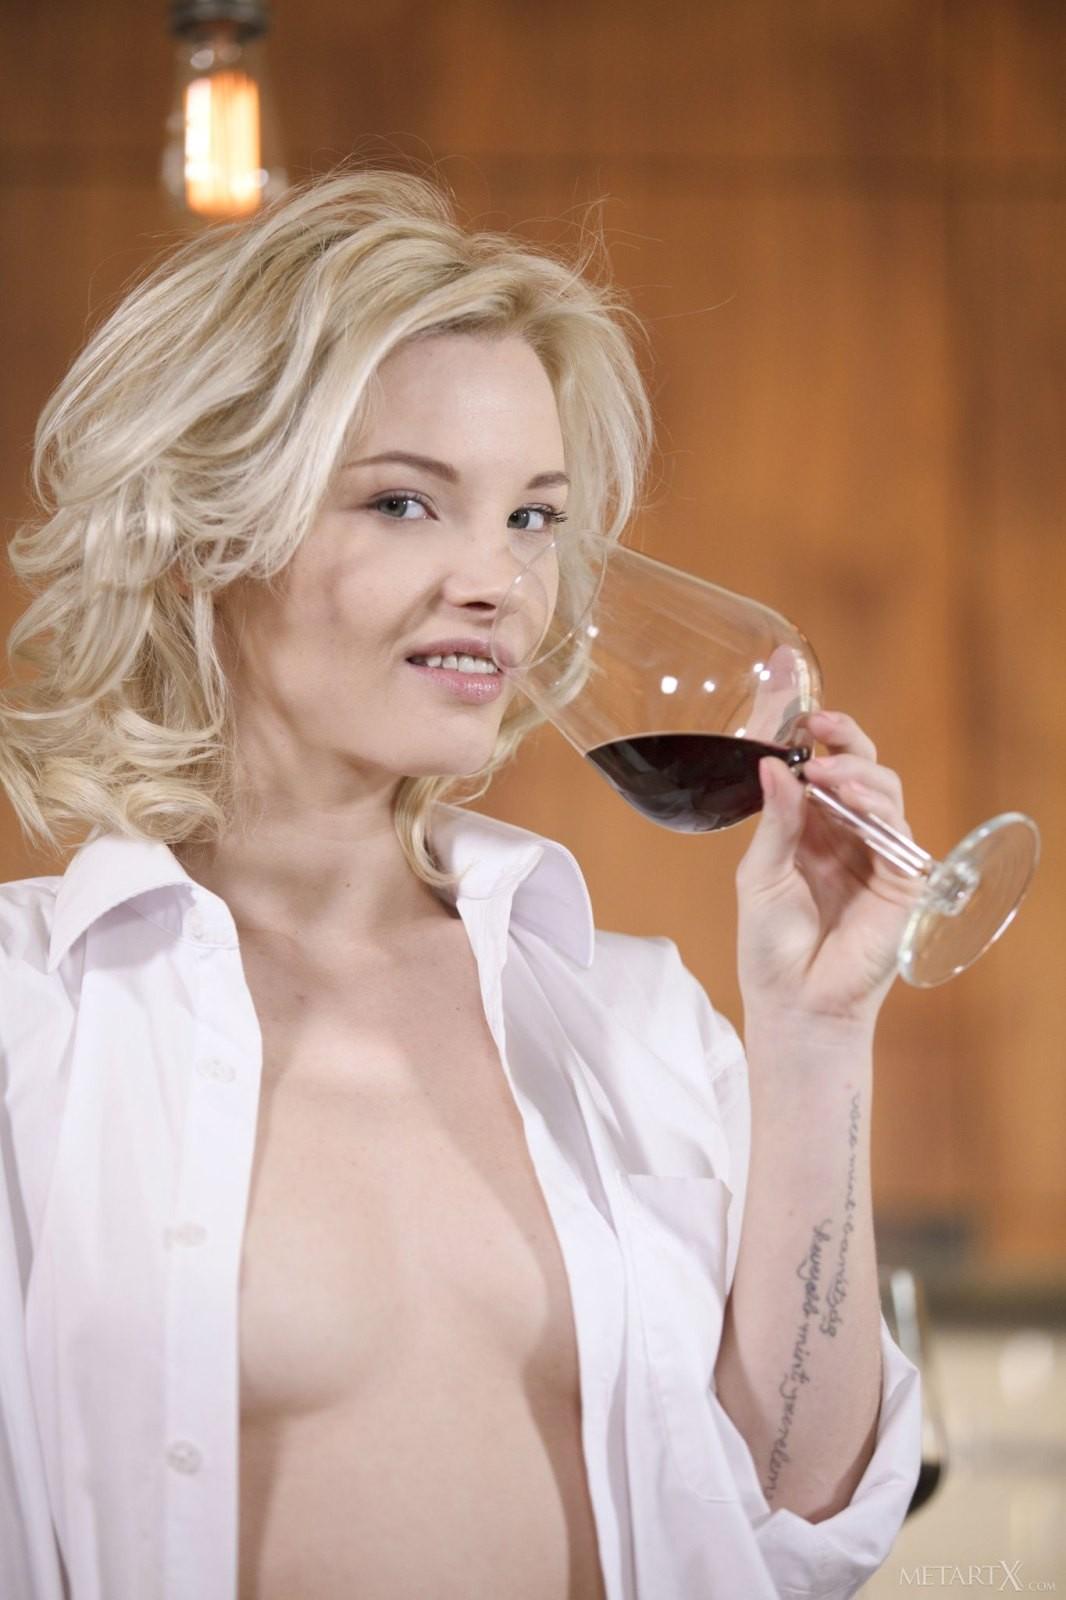 Пьяная блондинка мастурбирует на диване - фото